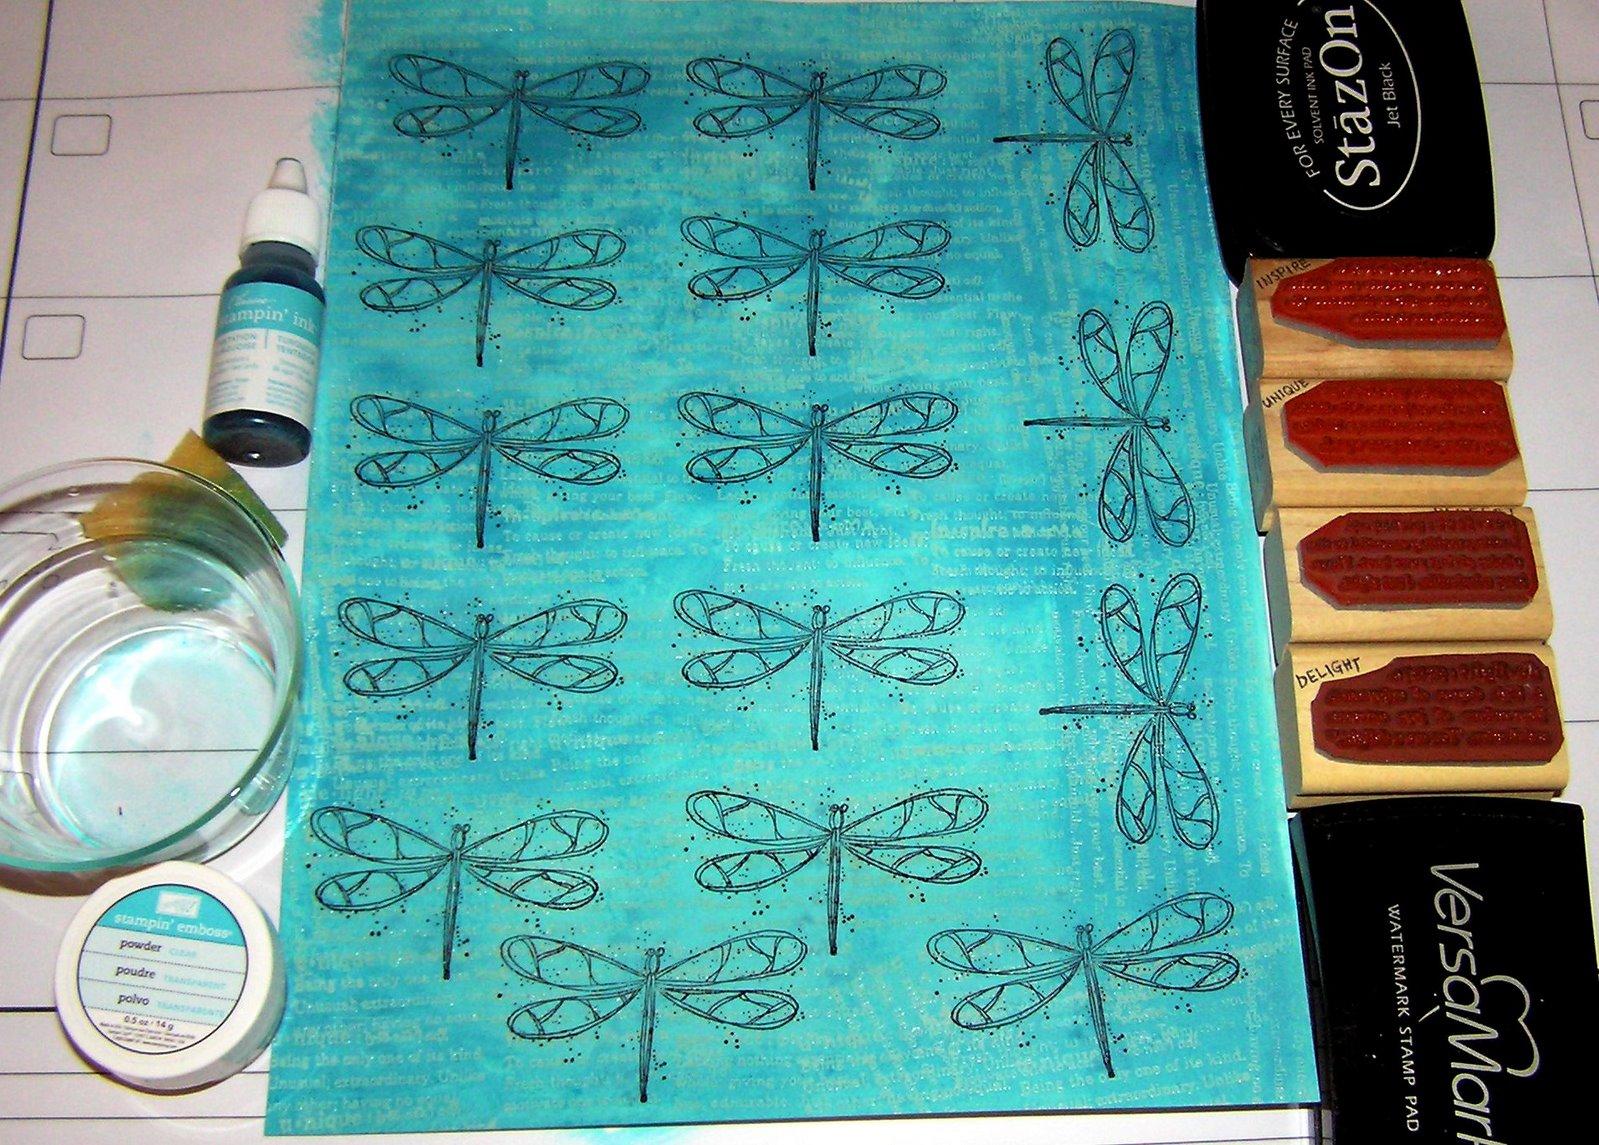 [dragonfly+card.JPG]